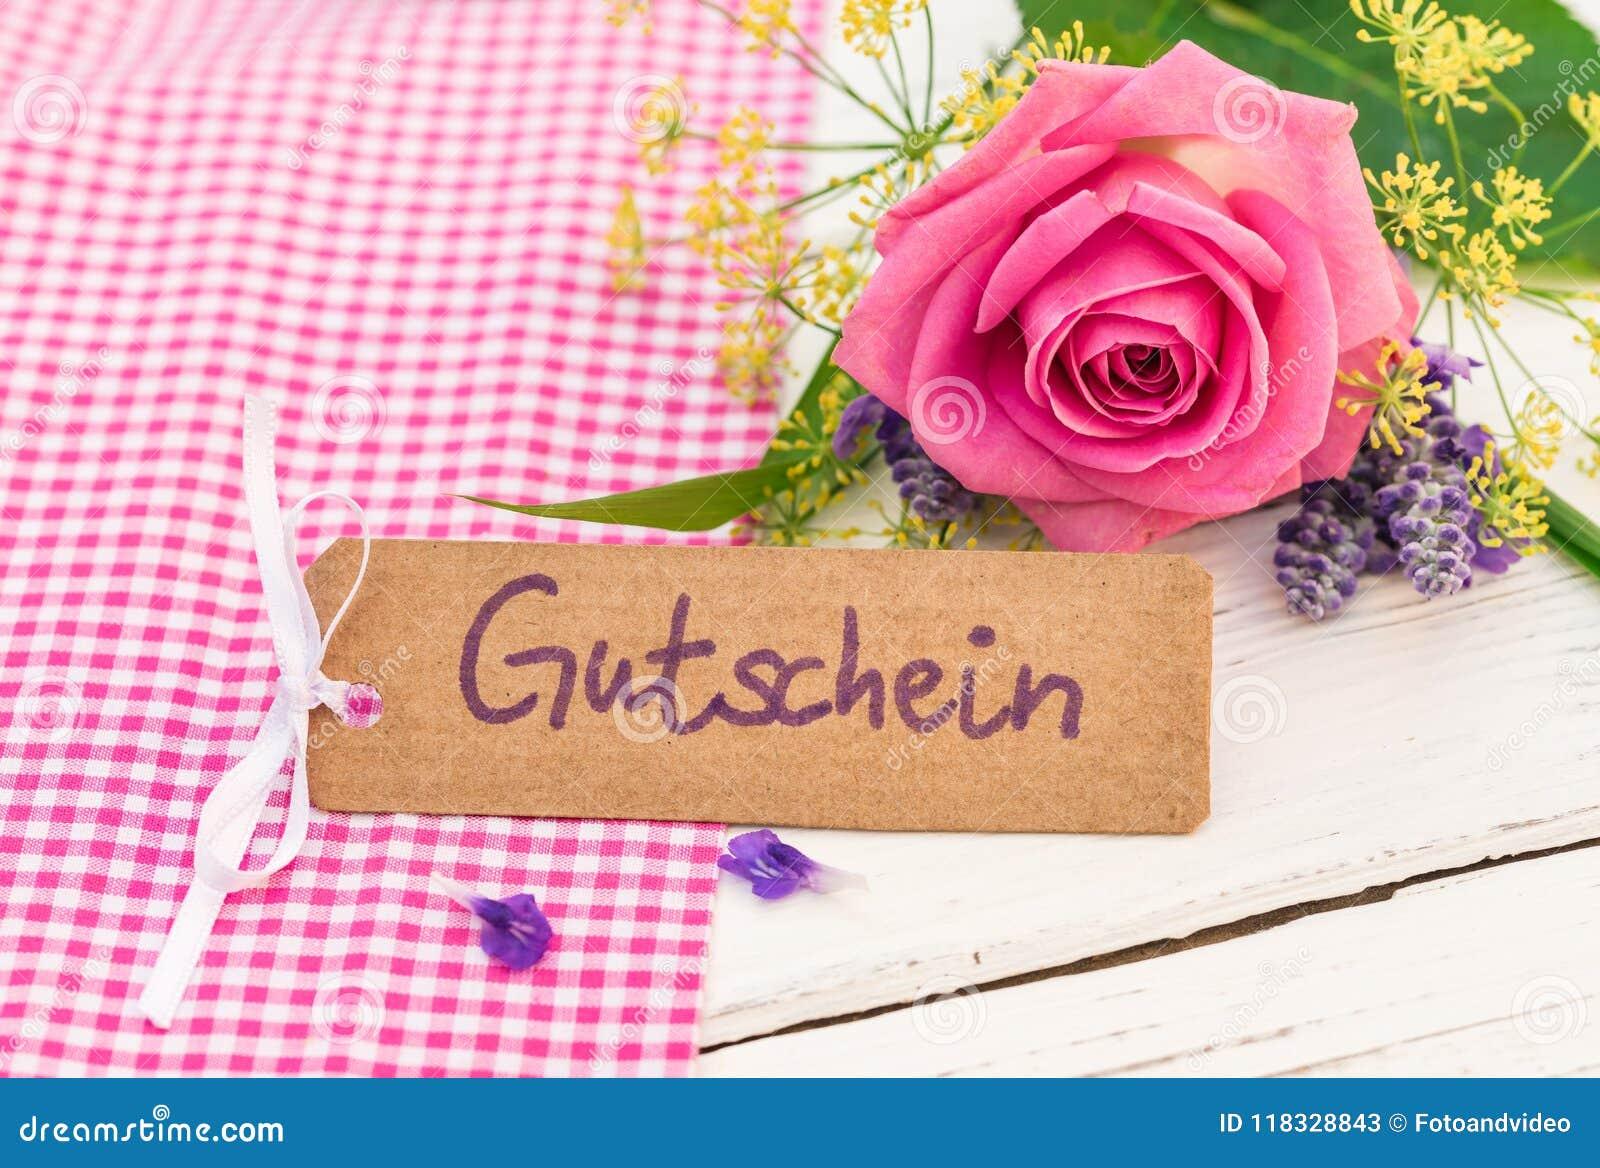 Giftkaart met Duits woord, Gutschein, middelenbon of coupon en mooi bloemenboeket